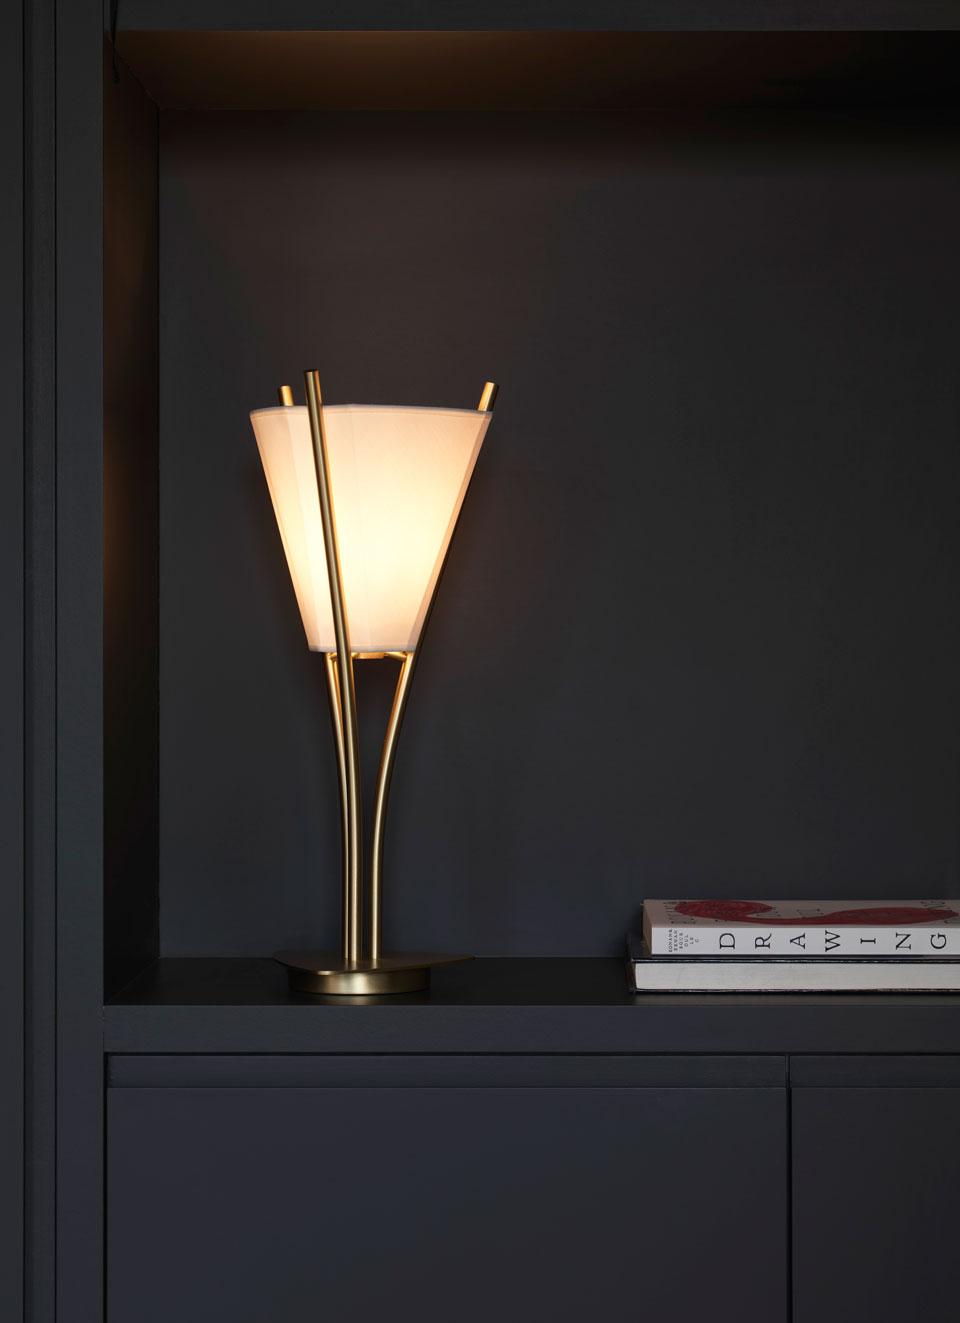 Curves lampe design, dorée, fines tiges de laiton, aérienne, abat-jour conique. CVL Luminaires.